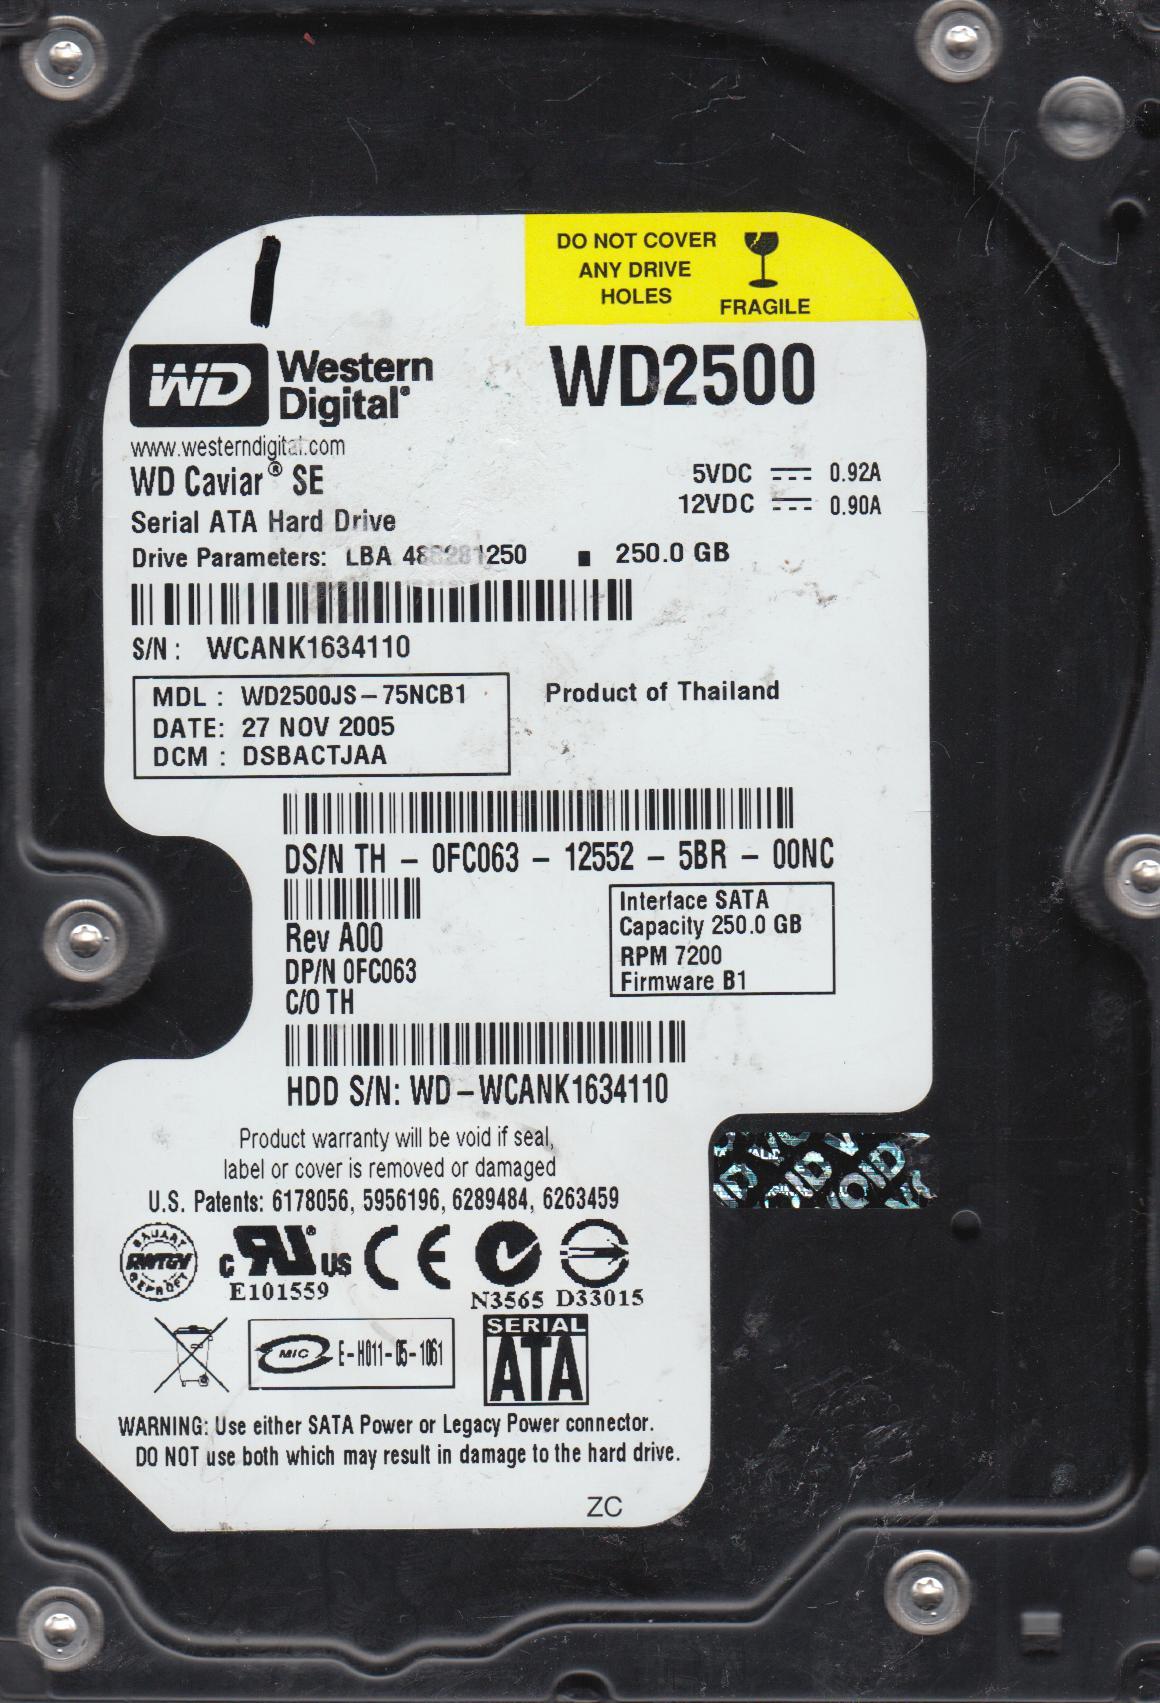 WD2500JS-75NCB1, DCM DSBACTJAA, Western Digital 250GB SATA 3.5 Hard Drive by WD